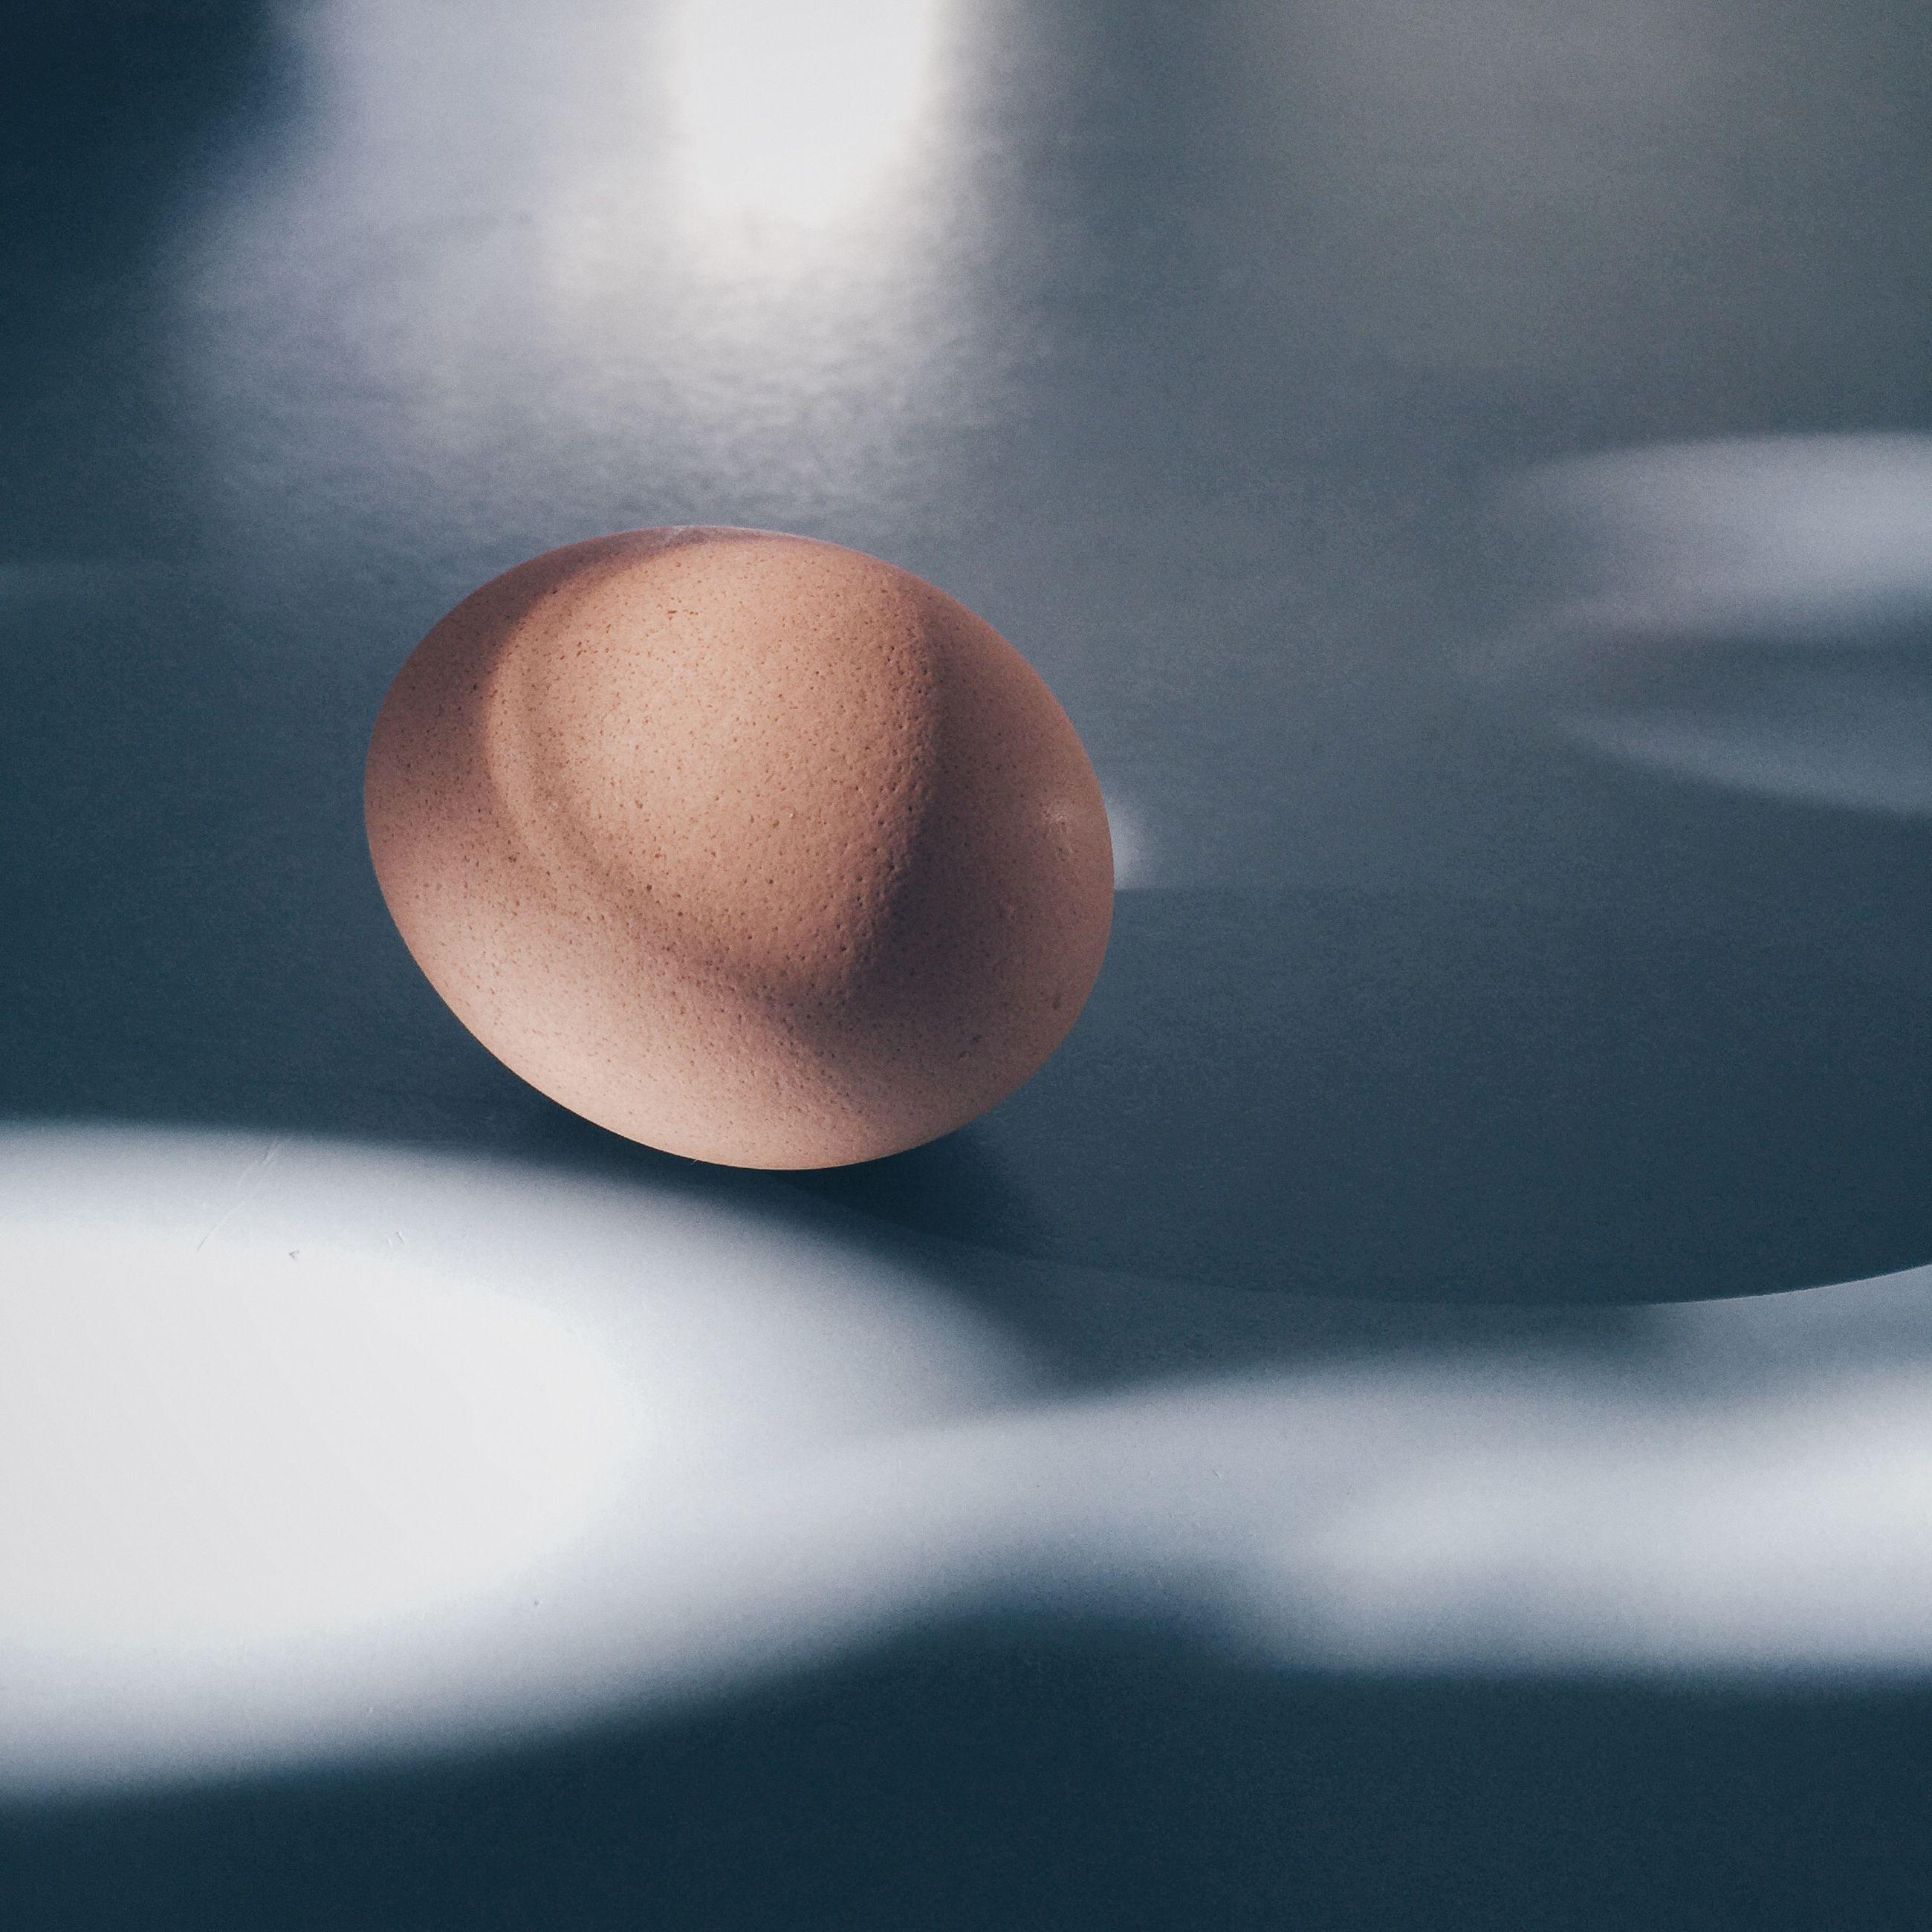 High angle view of brown egg on table